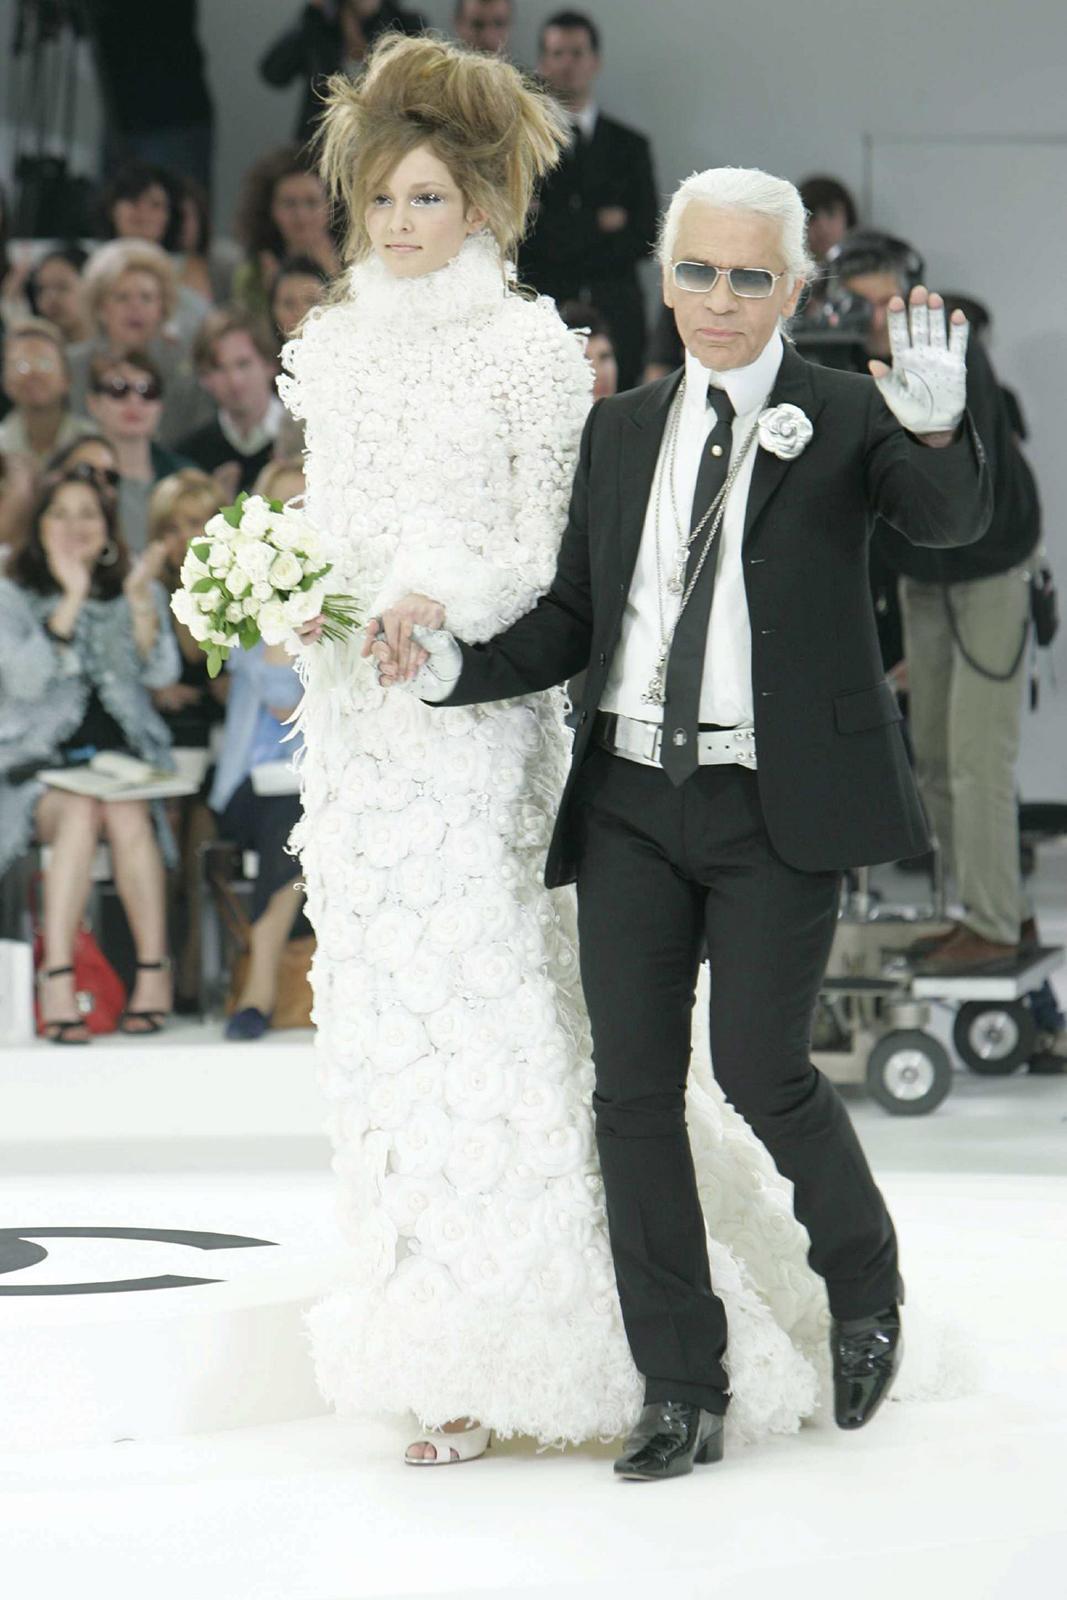 El káiser nunca dejaba que una de sus novias desfilara sola. Al concluir cada desfile de Chanel marchaba junto a ella, con paso acompasado, como todo un caballero, tomándola suavemente de la mano. (Foto: EFE)